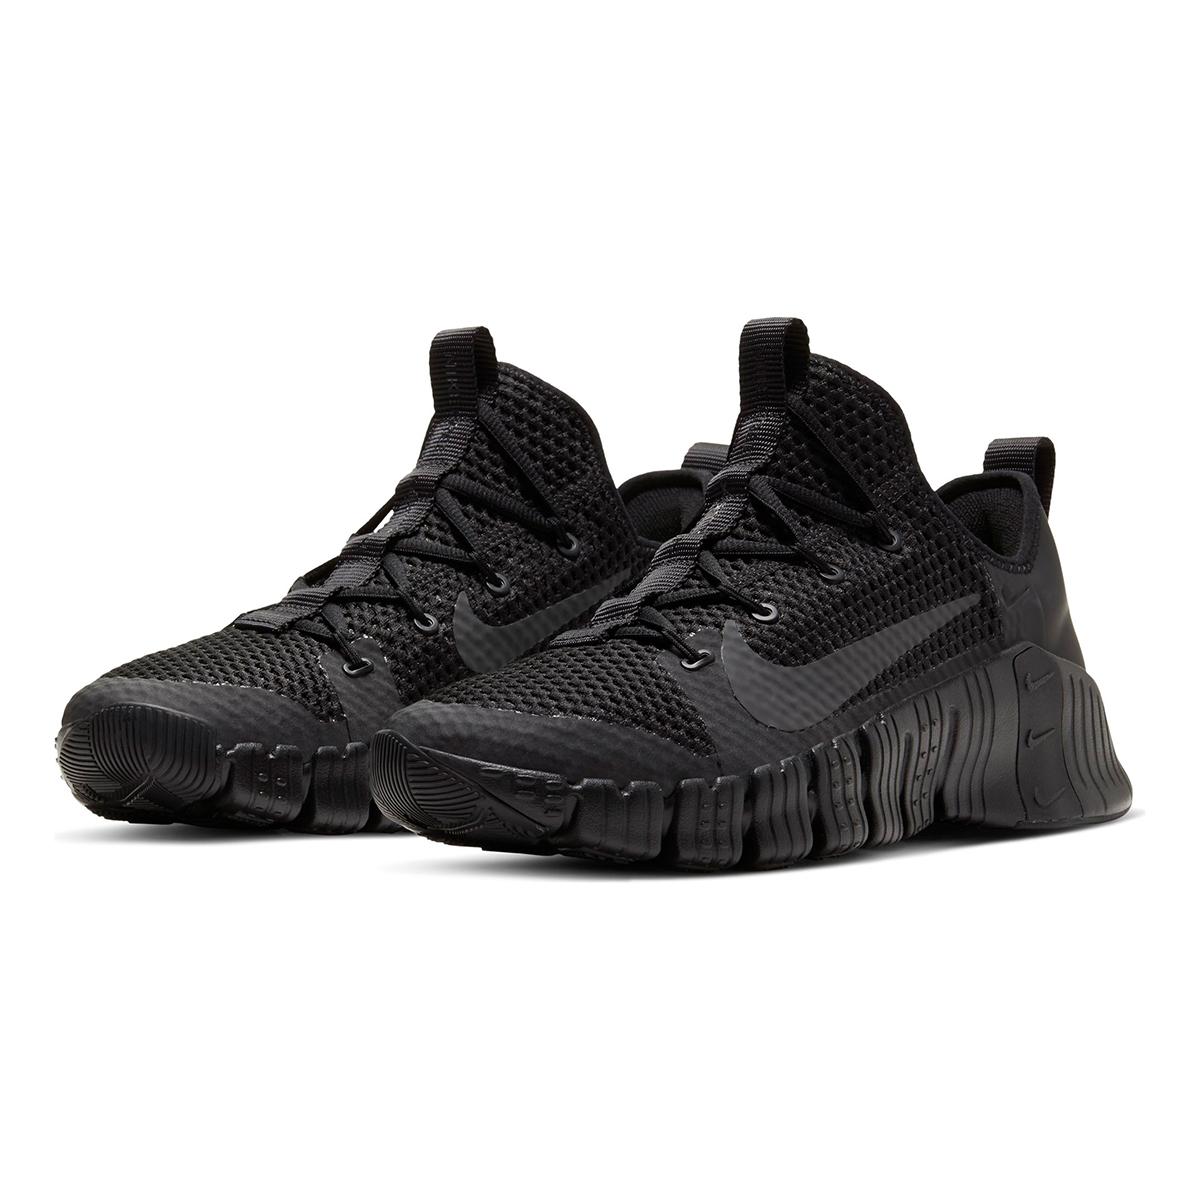 Nike Free Metcon 3 Training Shoes - Color: Black/Black/Volt/Anthracite - Size: 5 - Width: Regular, Black/Volt/Anthracite, large, image 6